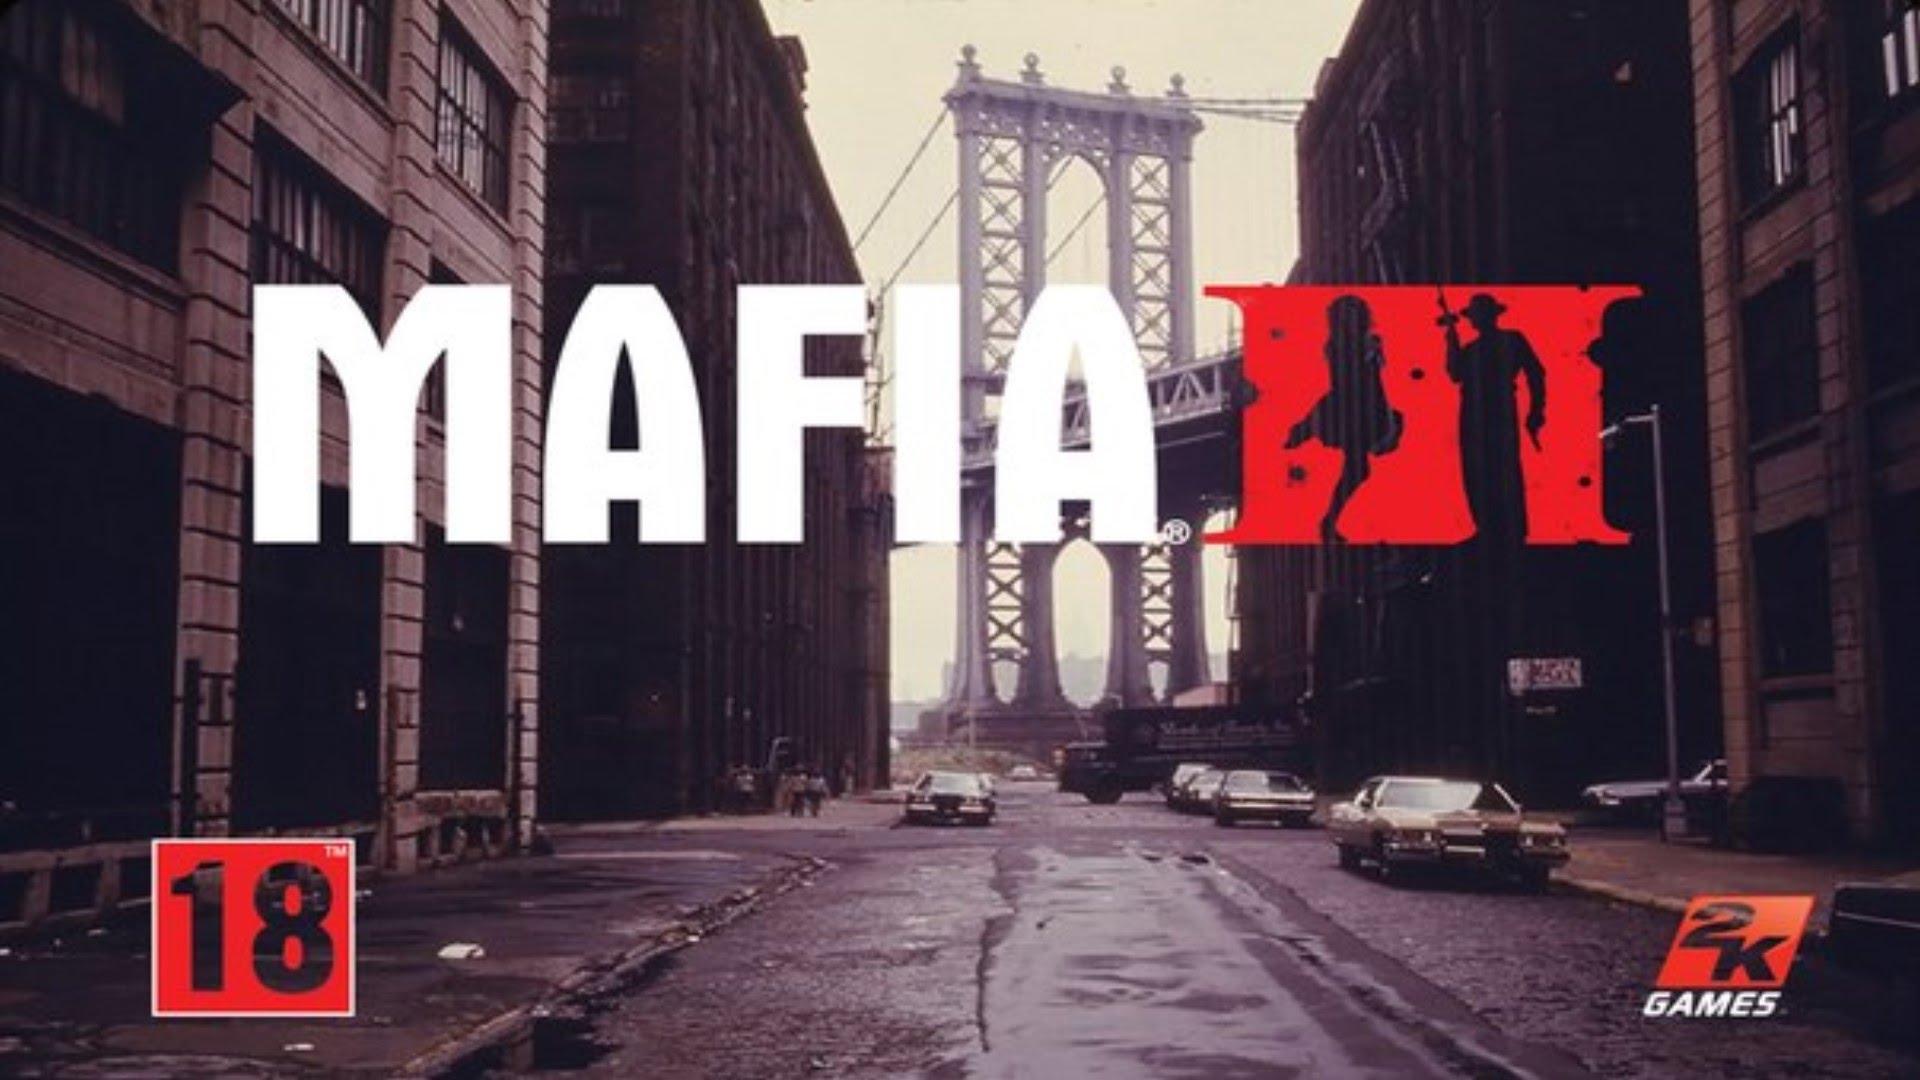 تریلر رسمی Mafia 3 در Gamescom 2015